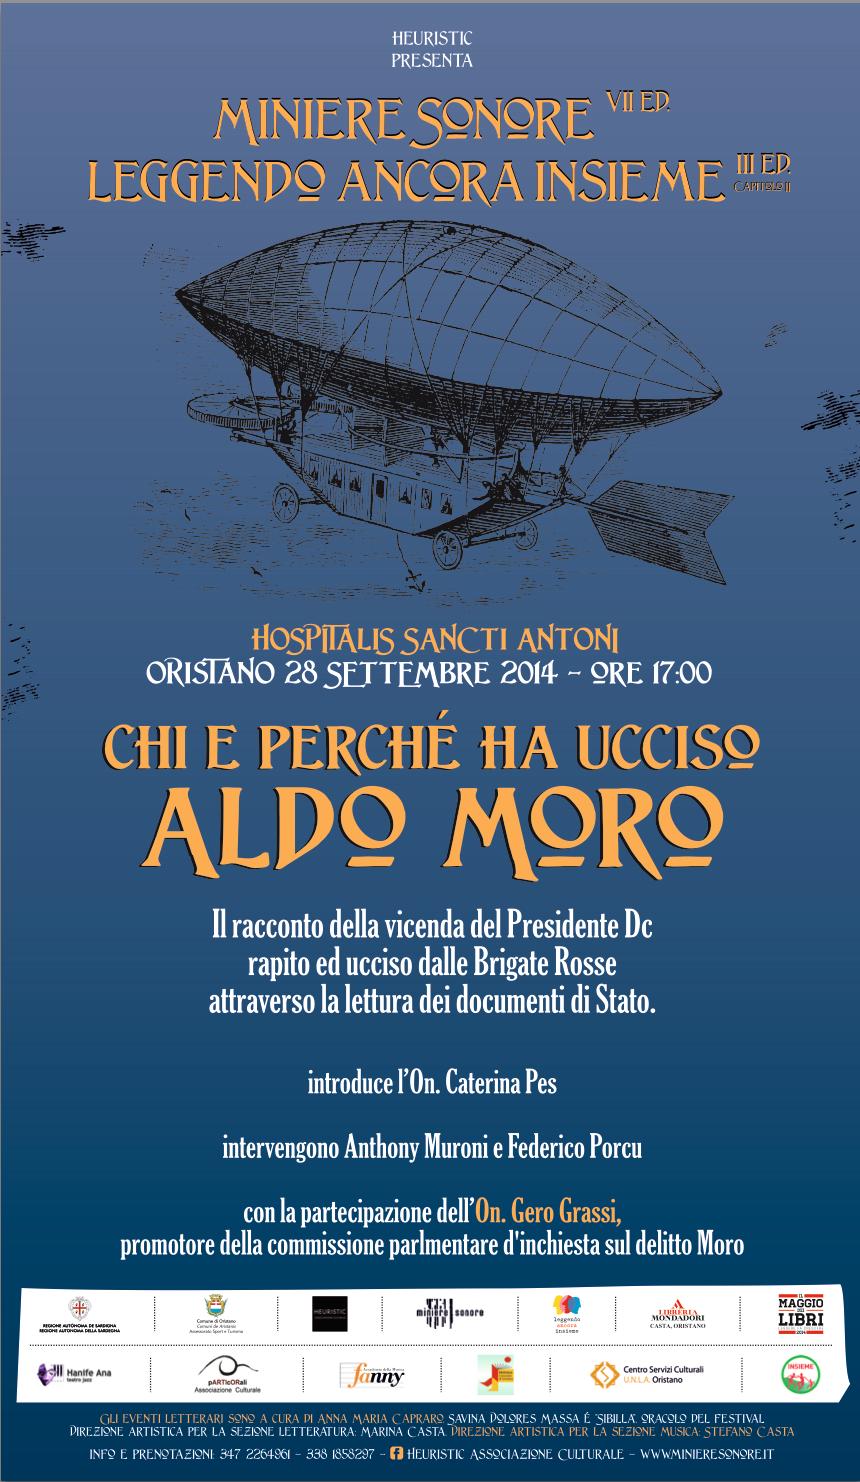 Miniere_Sonore_2014_-_Locandina_Chi_e_perchè_ha_ucciso_Aldo_Moro_